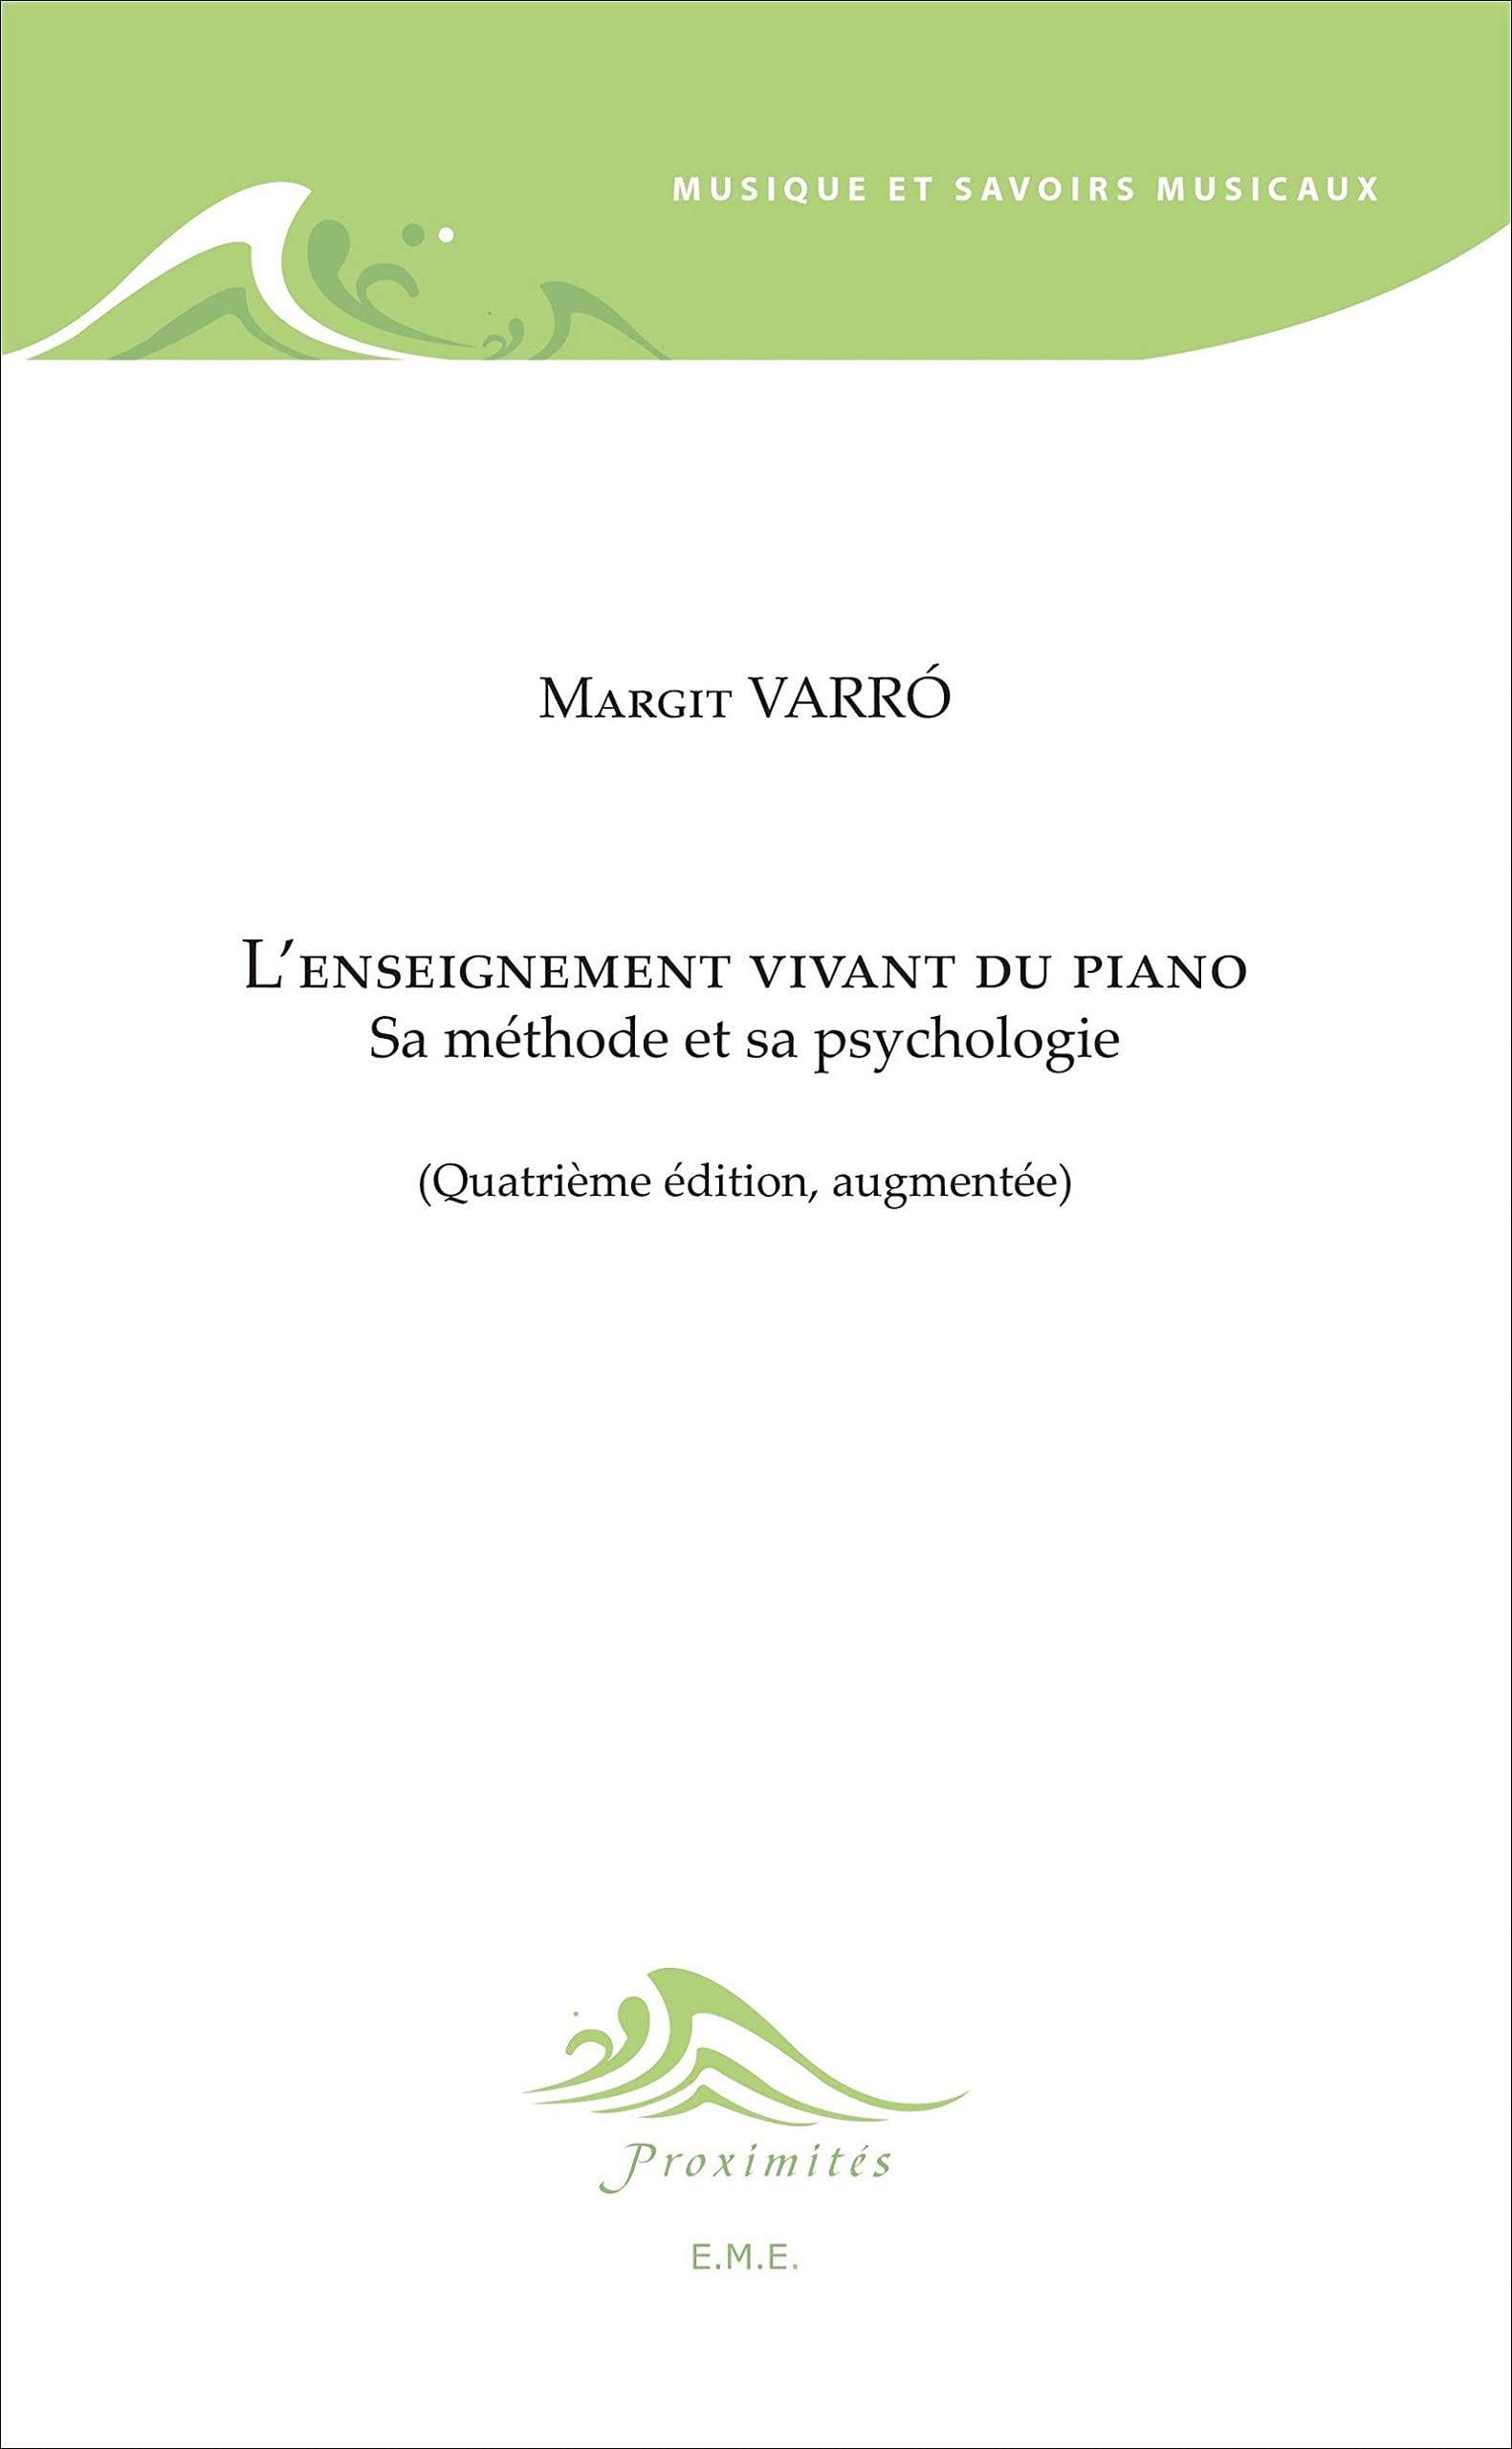 L'enseignement vivant du piano, sa méthode et sa psychologie - laflutedepan.com